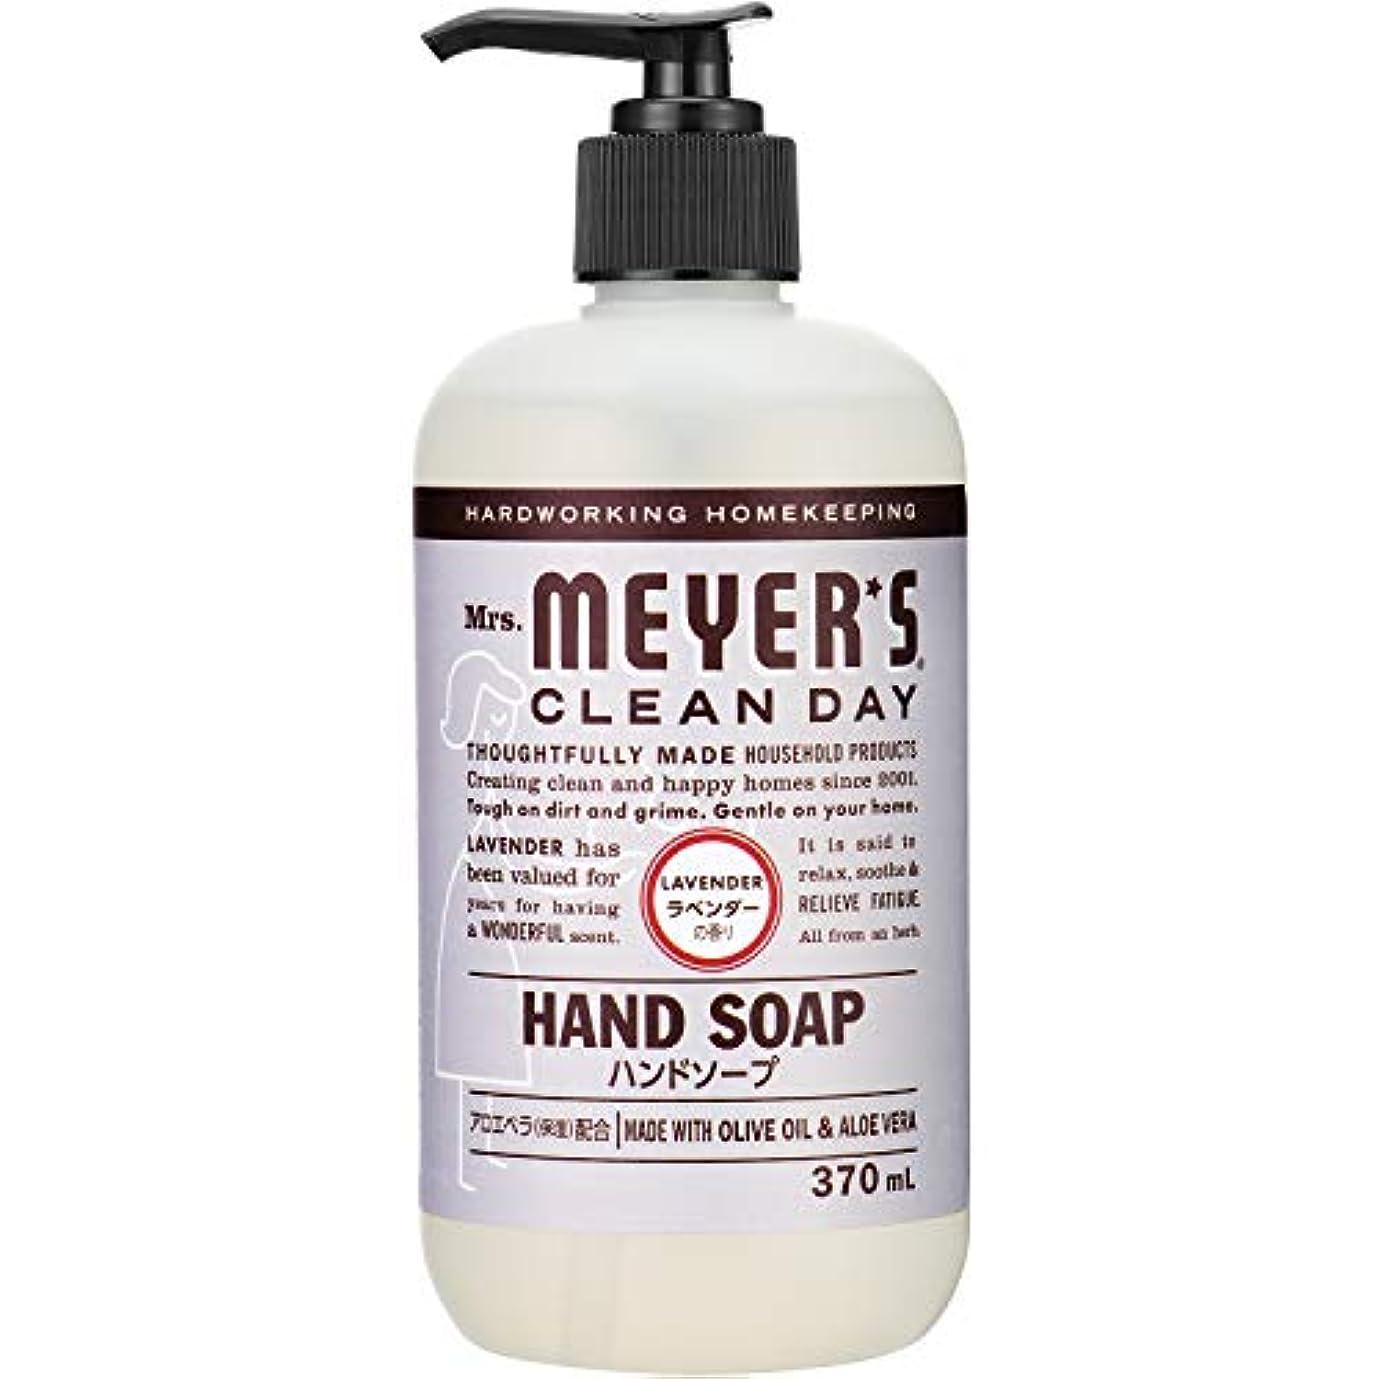 法令実現可能性定義Mrs. MEYER'S CLEAN DAY(ミセスマイヤーズ クリーンデイ) ミセスマイヤーズ クリーンデイ(Mrs.Meyers Clean Day) ハンドソープ ラベンダーの香り 370ml